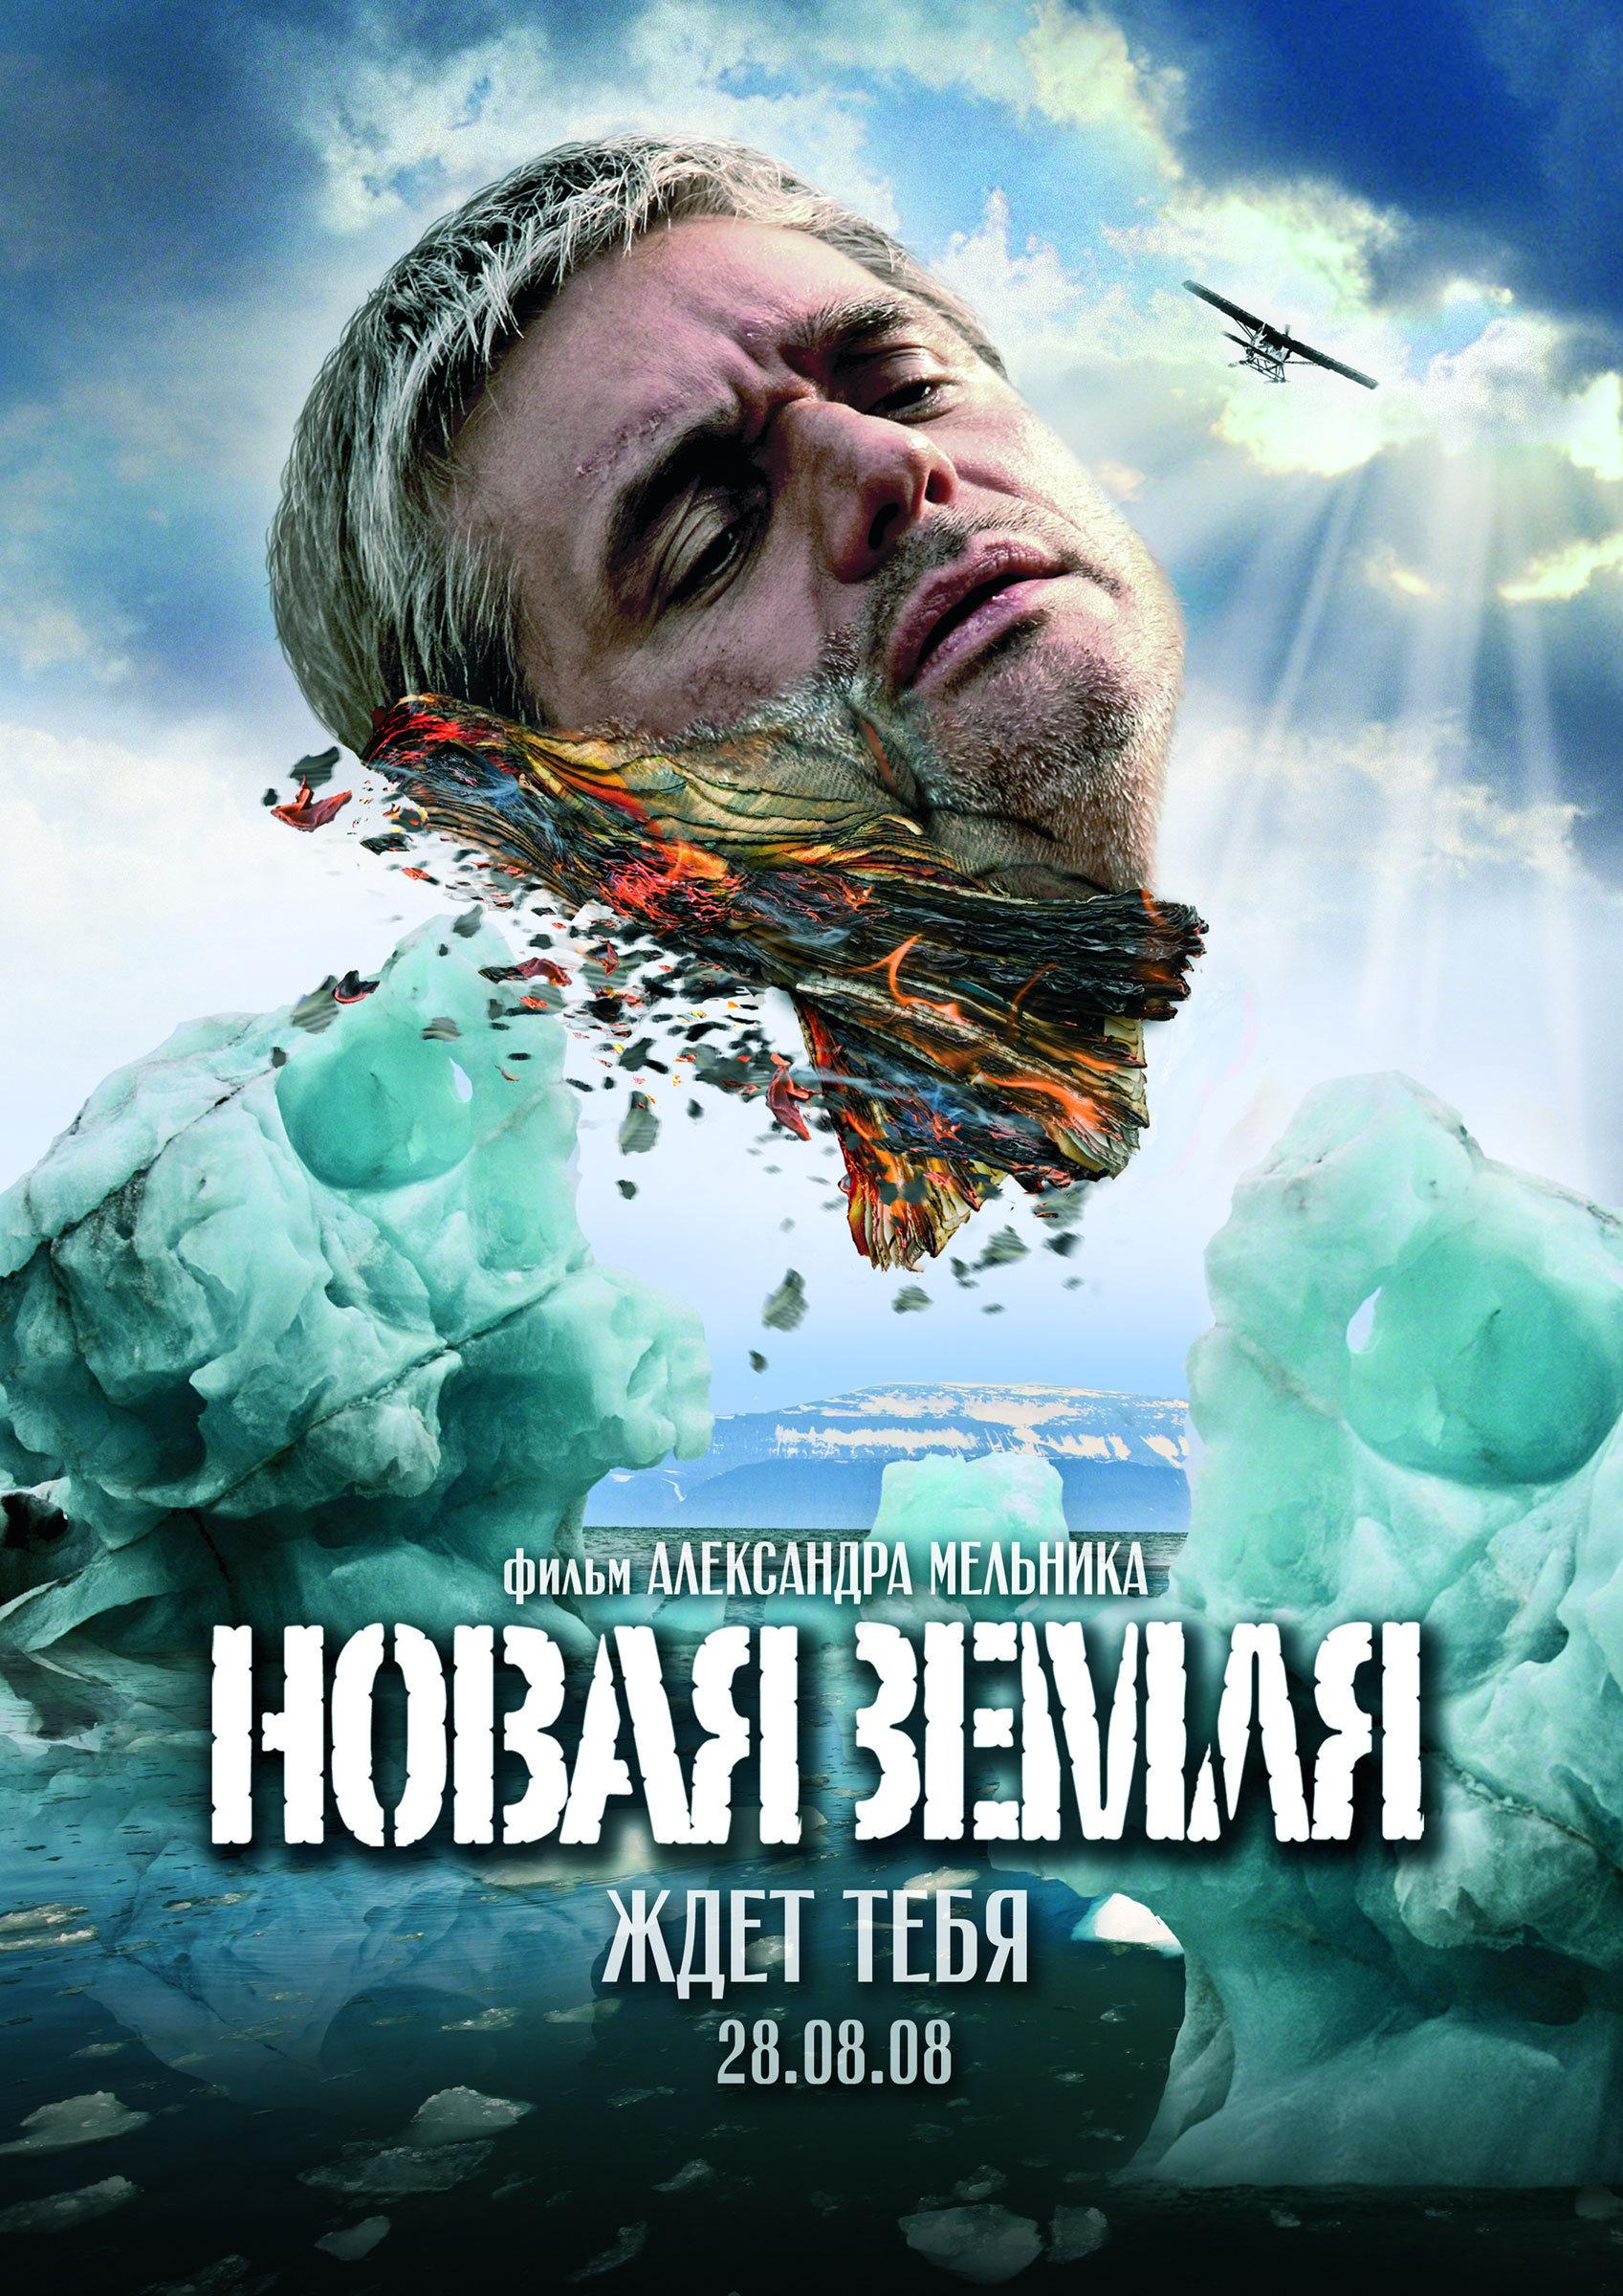 nova手绘海报